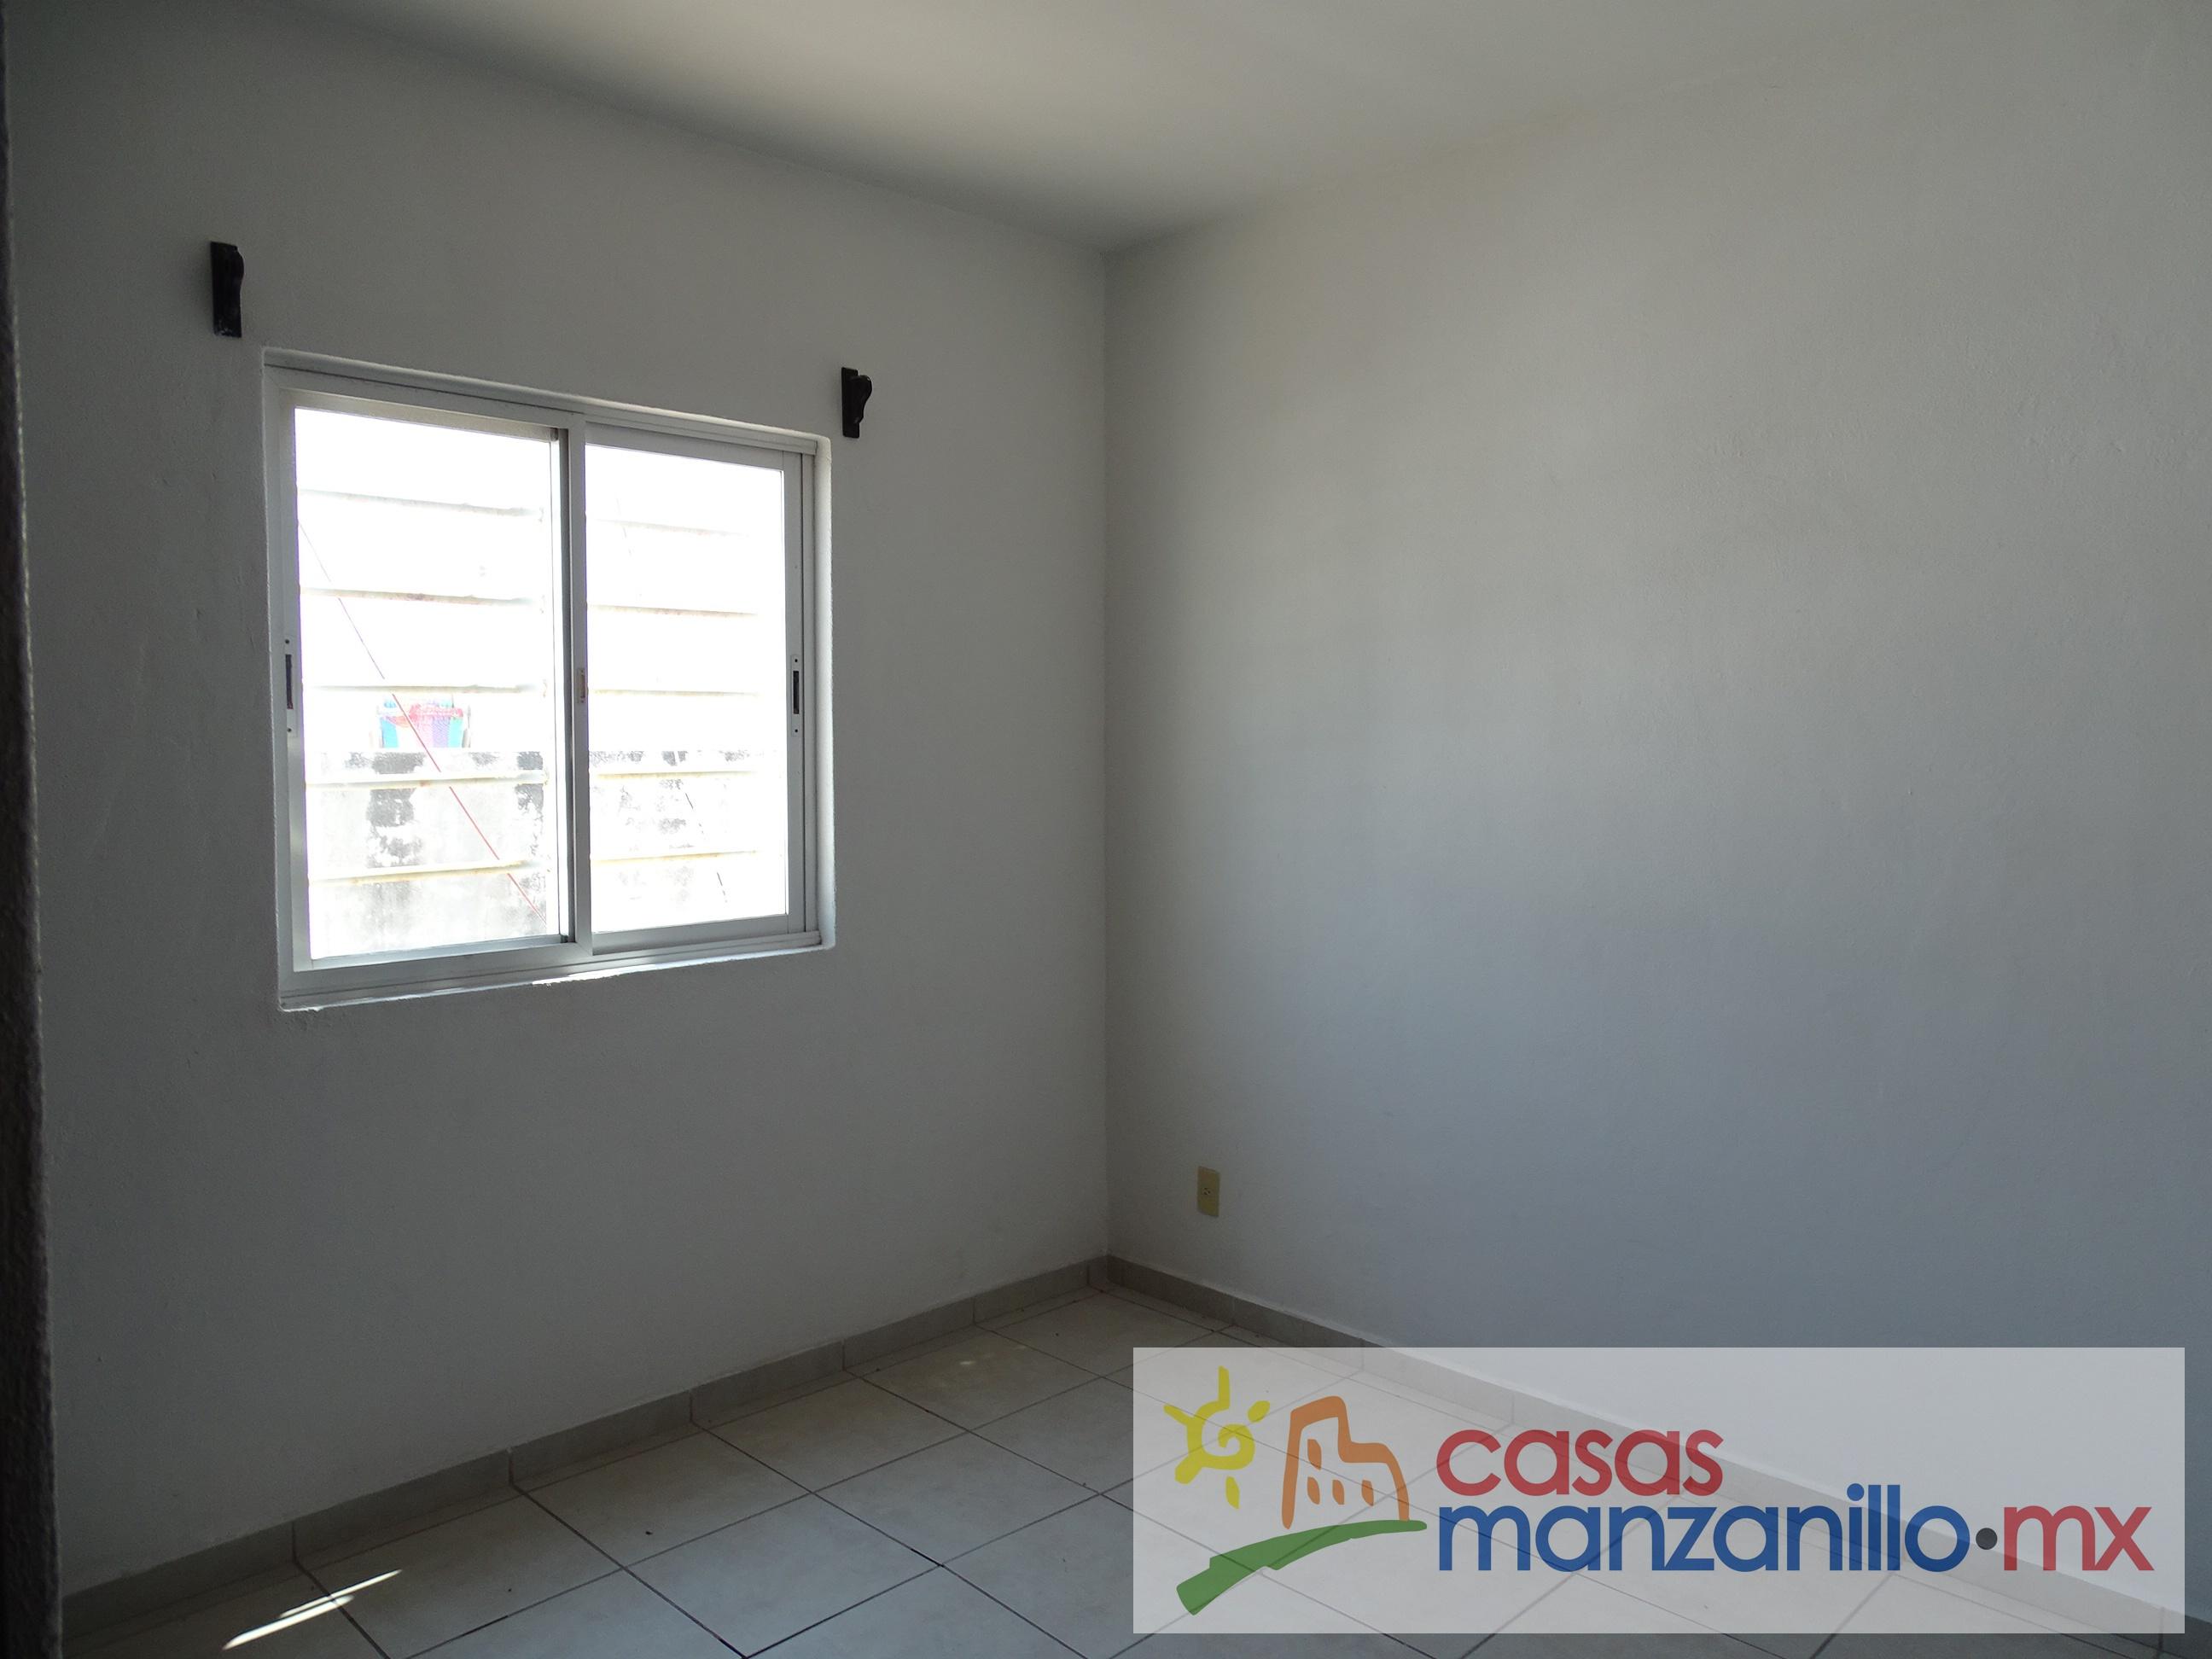 Casas RENTA Manzanillo - Almendros (22).